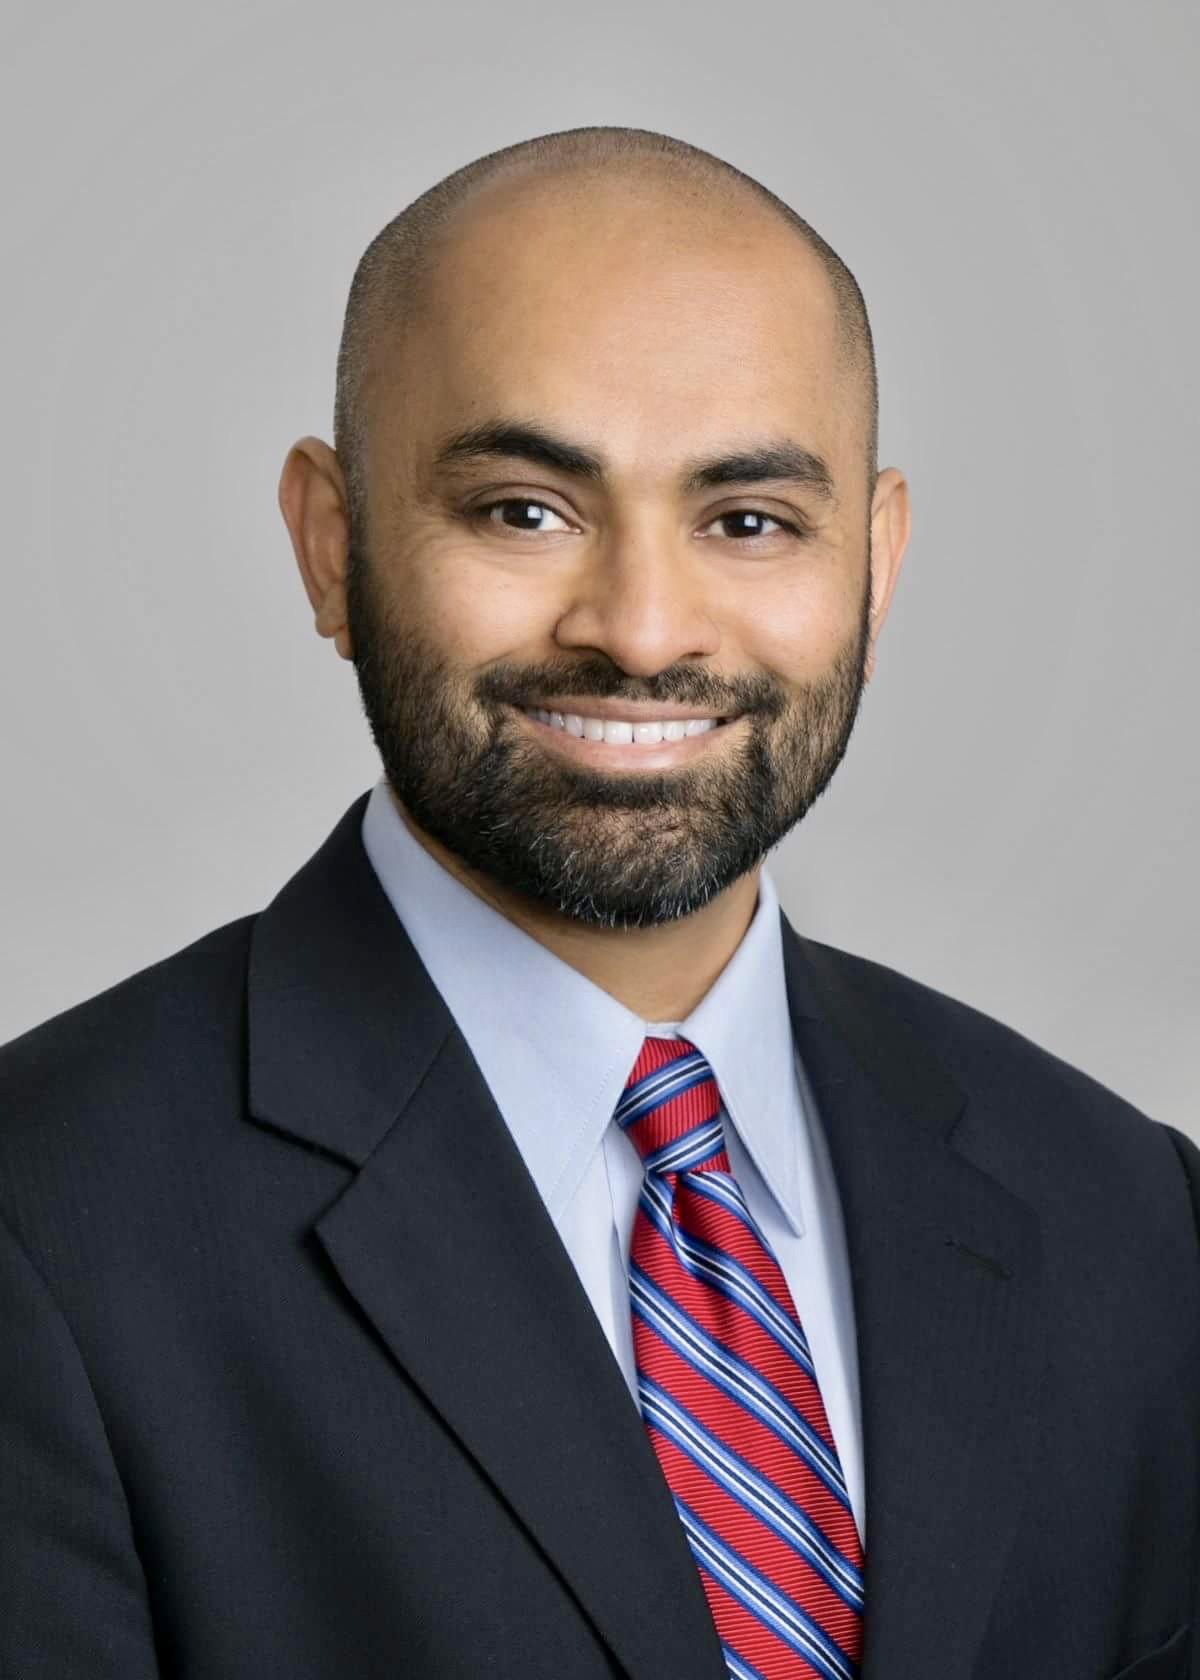 IBL Center Fall Speaker Series: Tabrez Ebrahim